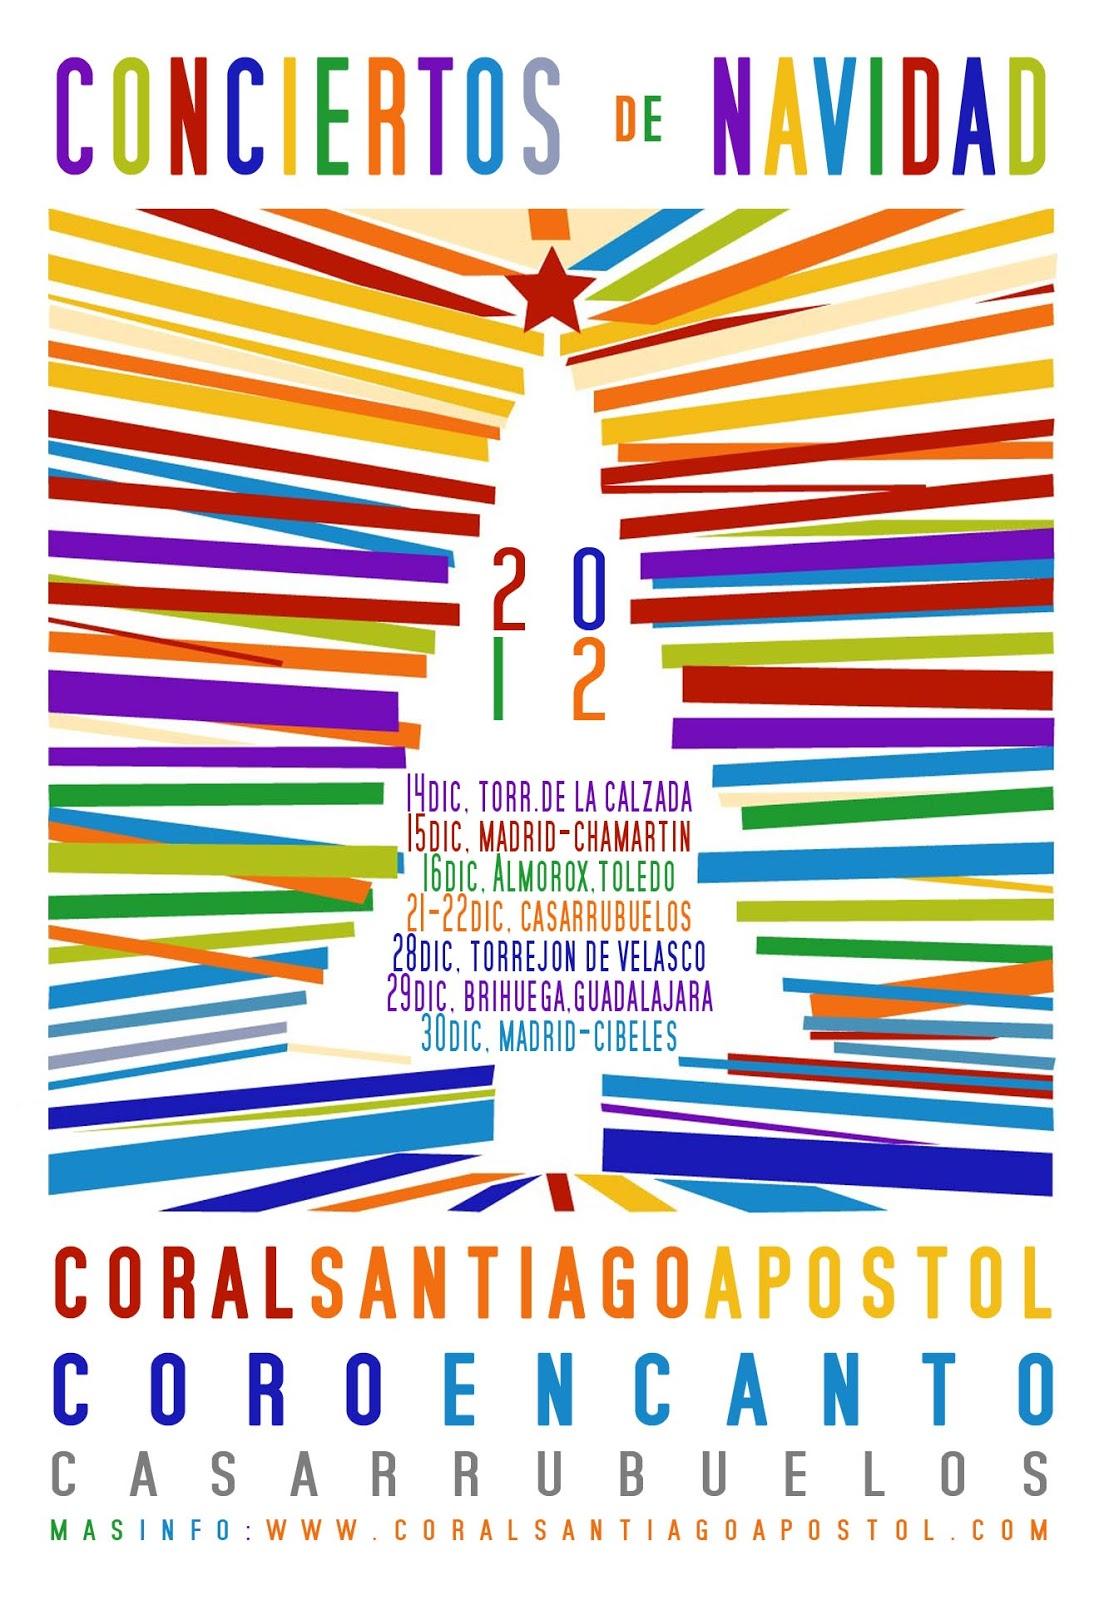 Calendario Conciertos Navidad 2012 Coral Santiago Apostol Coro Encanto Casarrubuelos